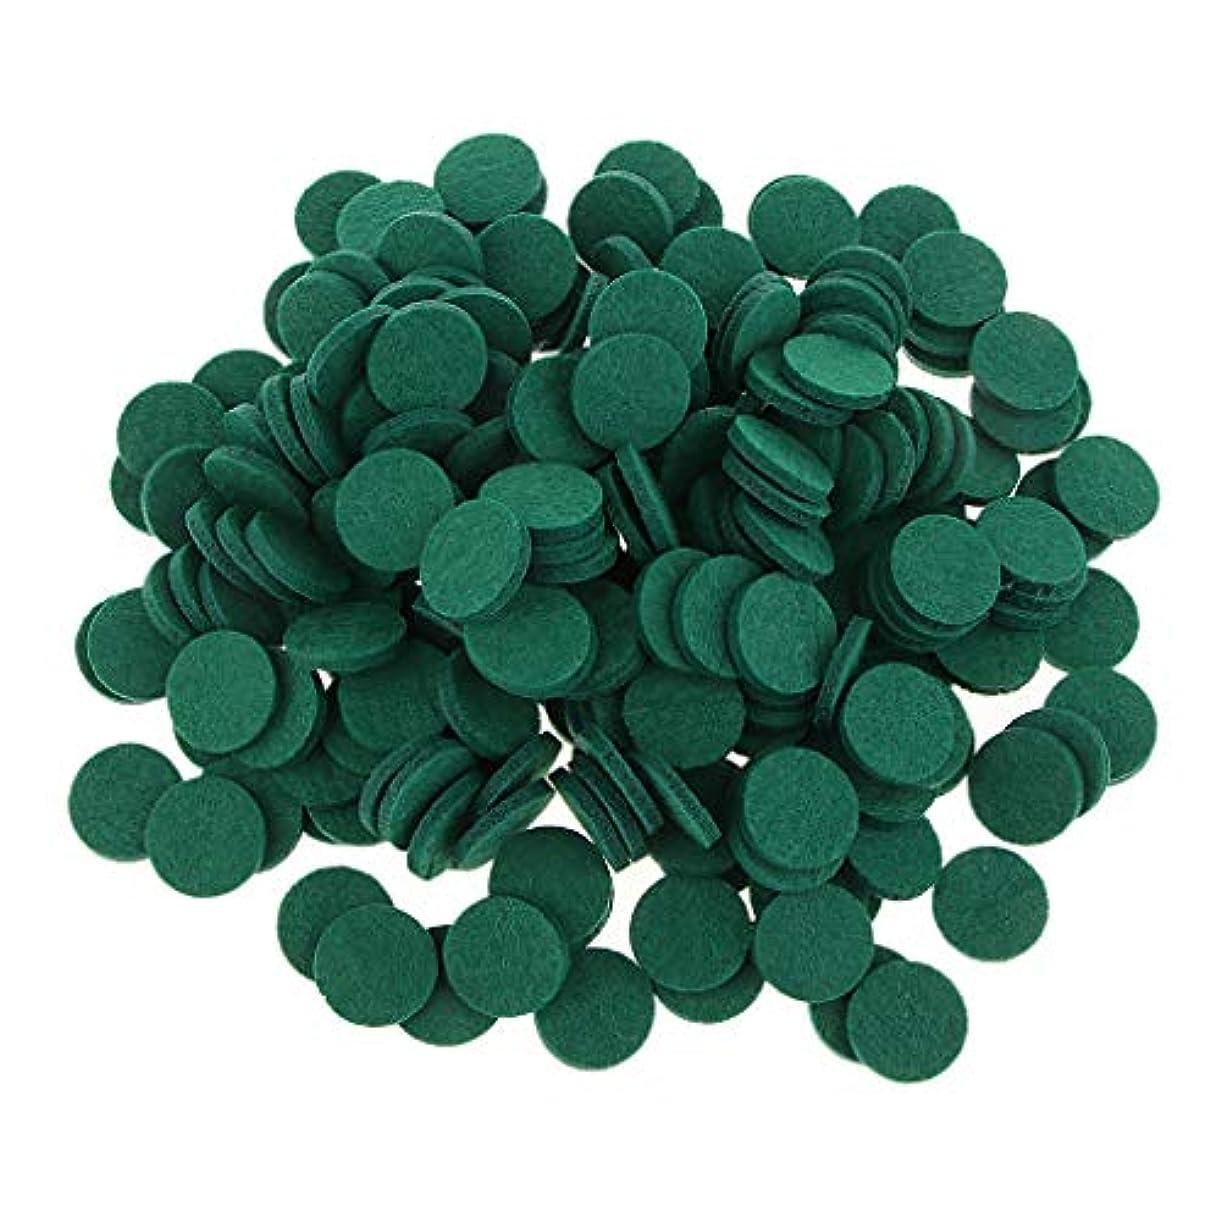 スカイかもめ出会いFLAMEER ディフューザーパッド アロマパッド パッド 精油 エッセンシャルオイル 香り 約200個入り 全11色 - 緑